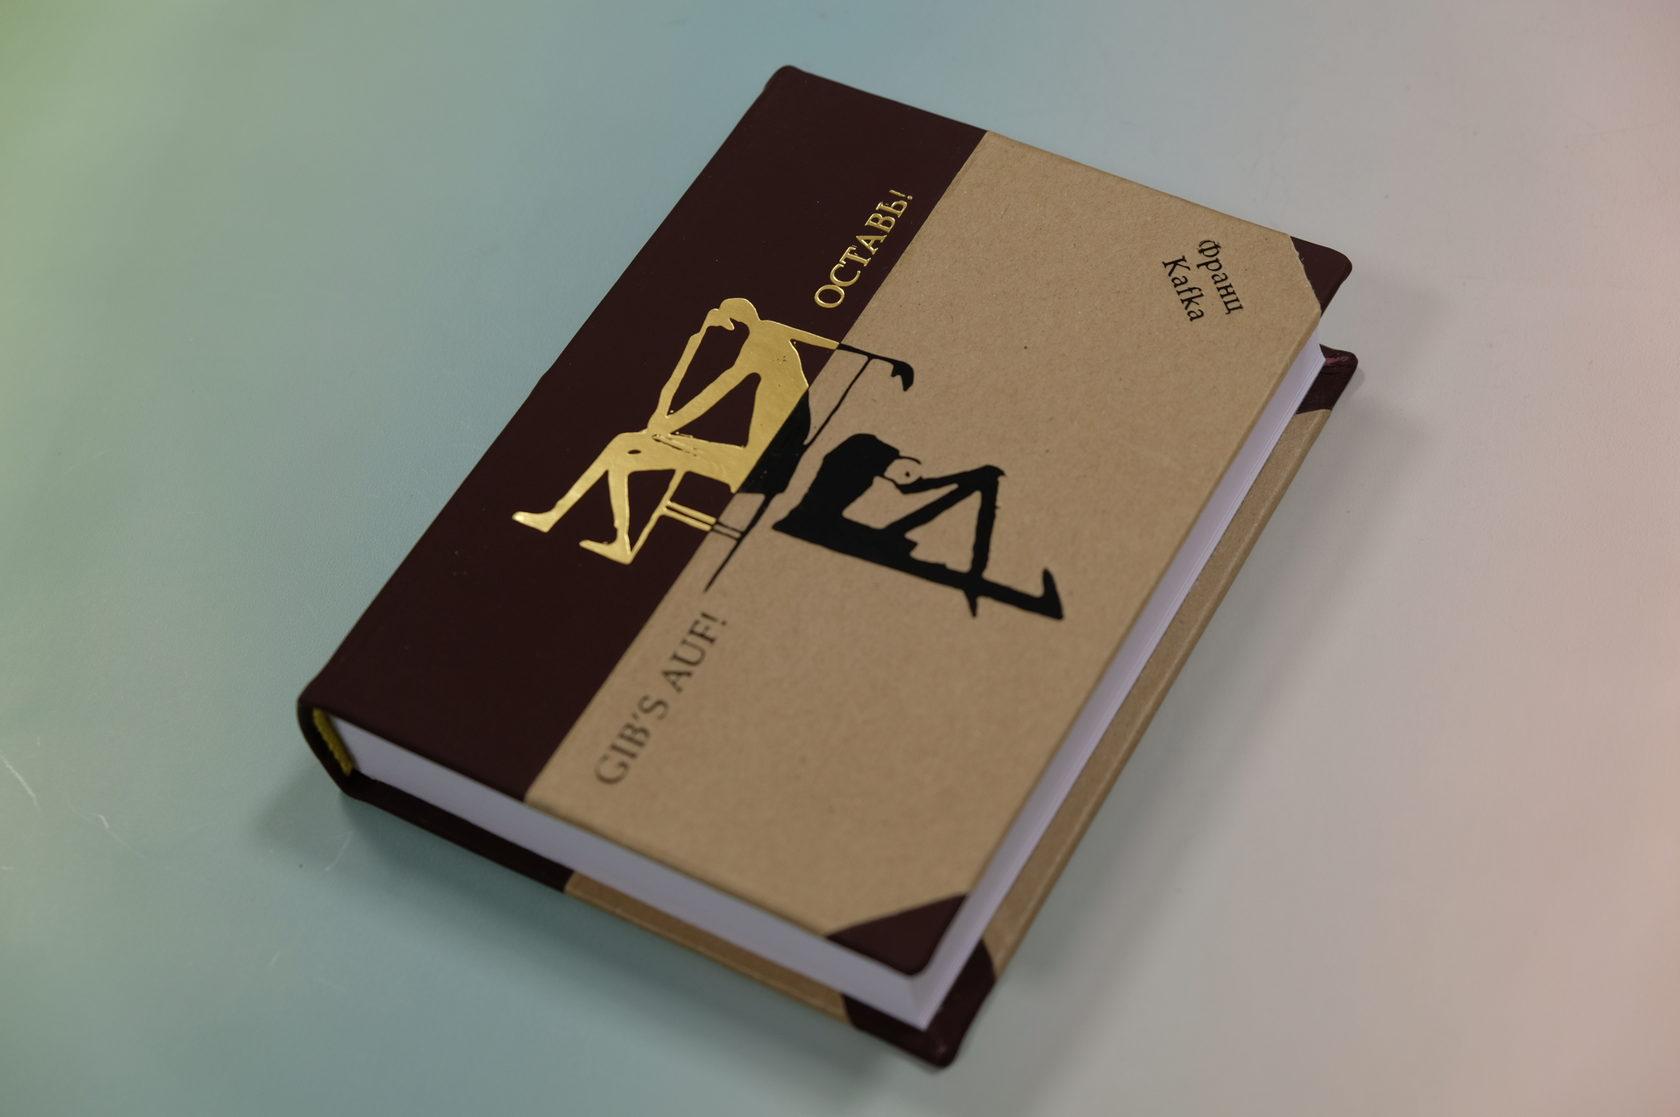 Купить книгу Франц Кафка «Оставь! Рассказы, повесть, дневниковые записи, фрагменты рукописей» 978-5-98856-313-6